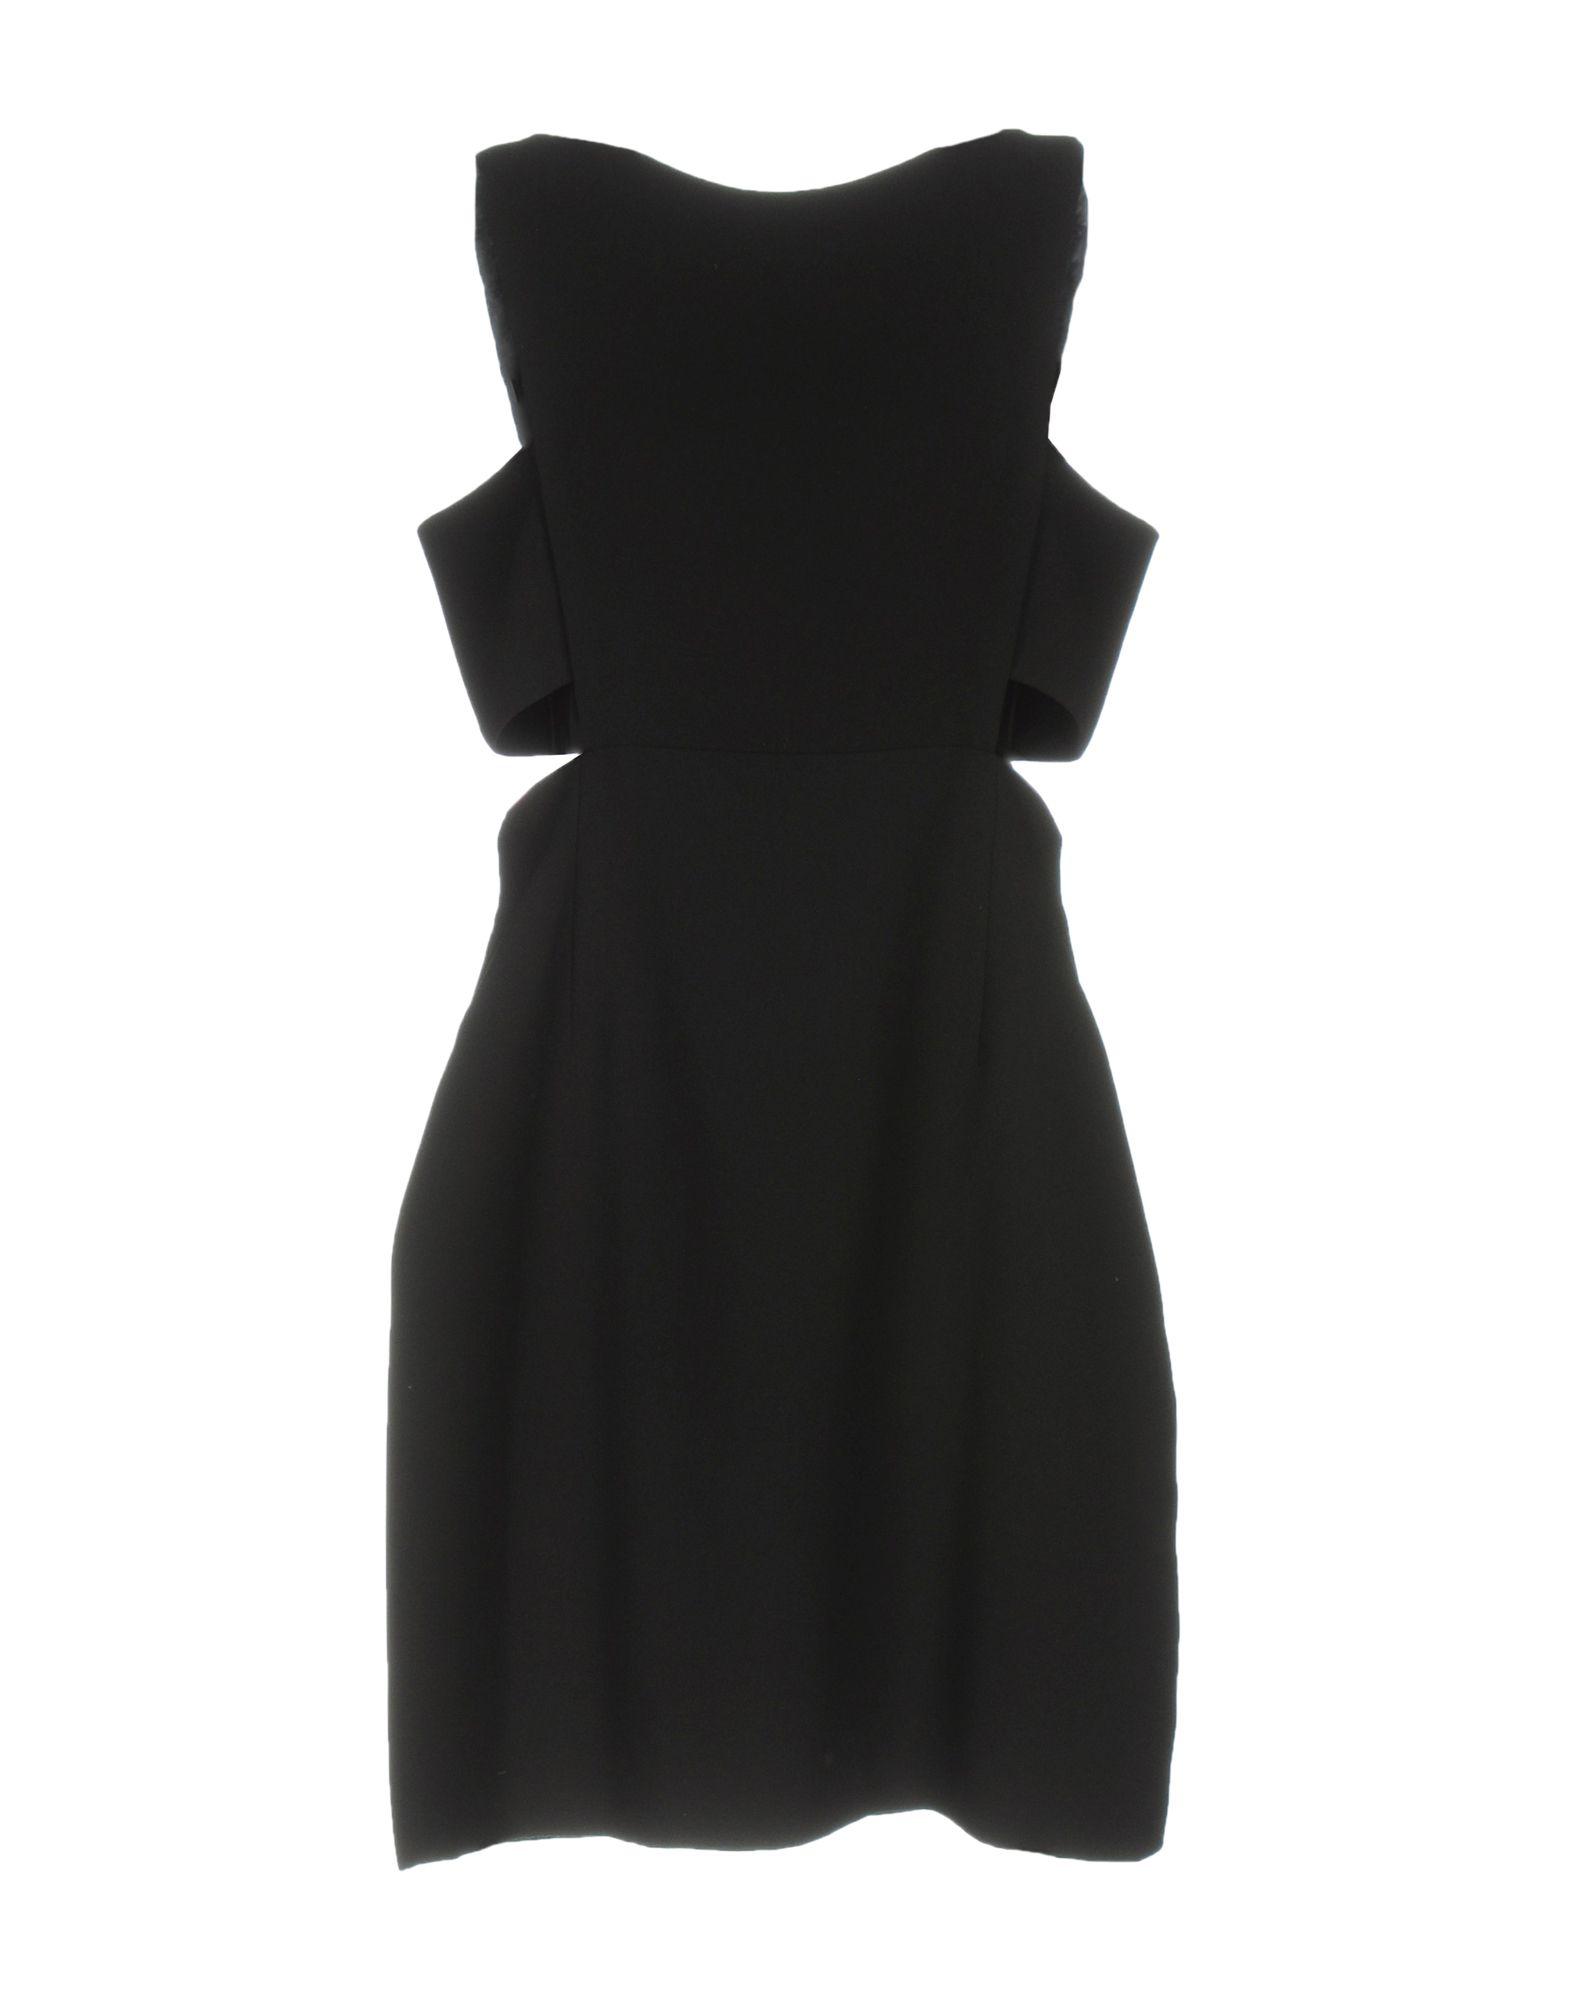 《送料無料》JILL STUART レディース ミニワンピース&ドレス ブラック 8 ポリエステル 100%